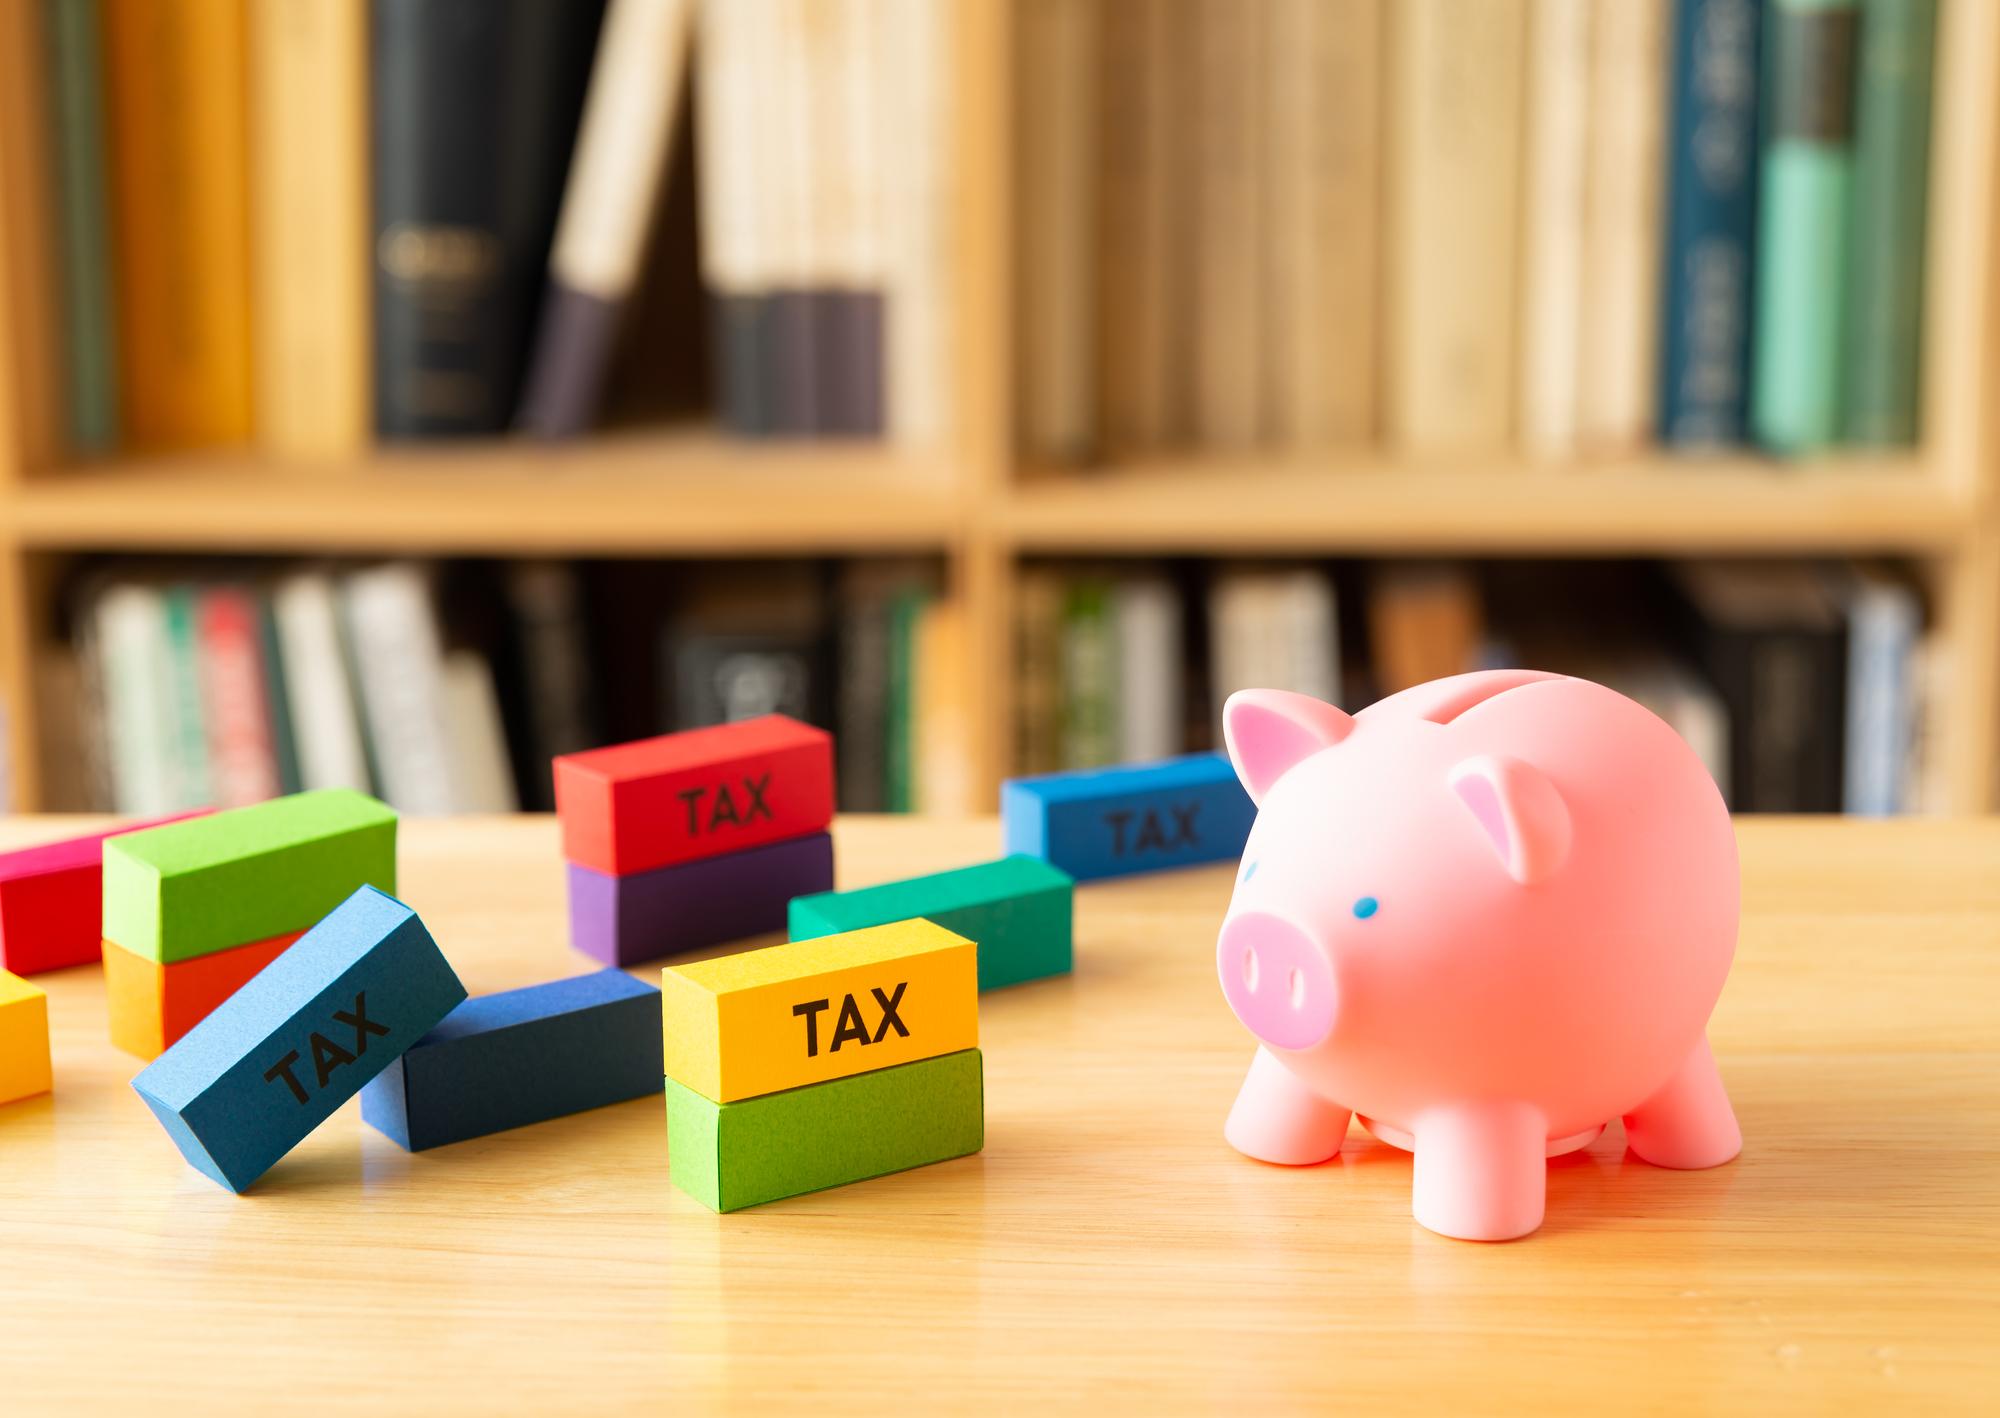 副業したら税金はどうなるの?副業にまつわる税金とは